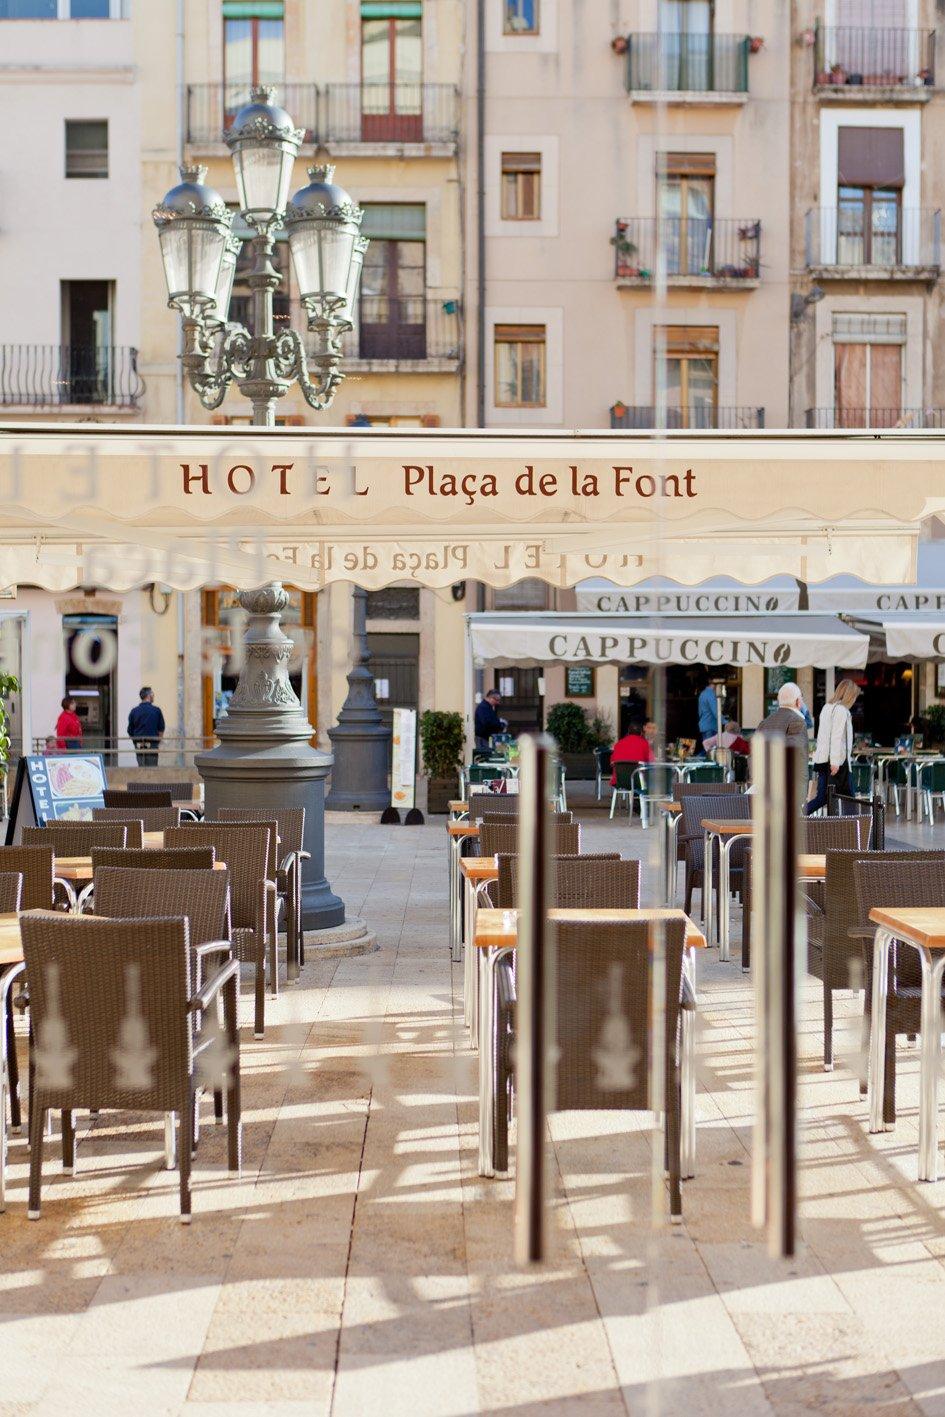 hotel_la_fontnombre_del_documento_21-1cbdea2bf2d6aee93c608e9b4bfbd404